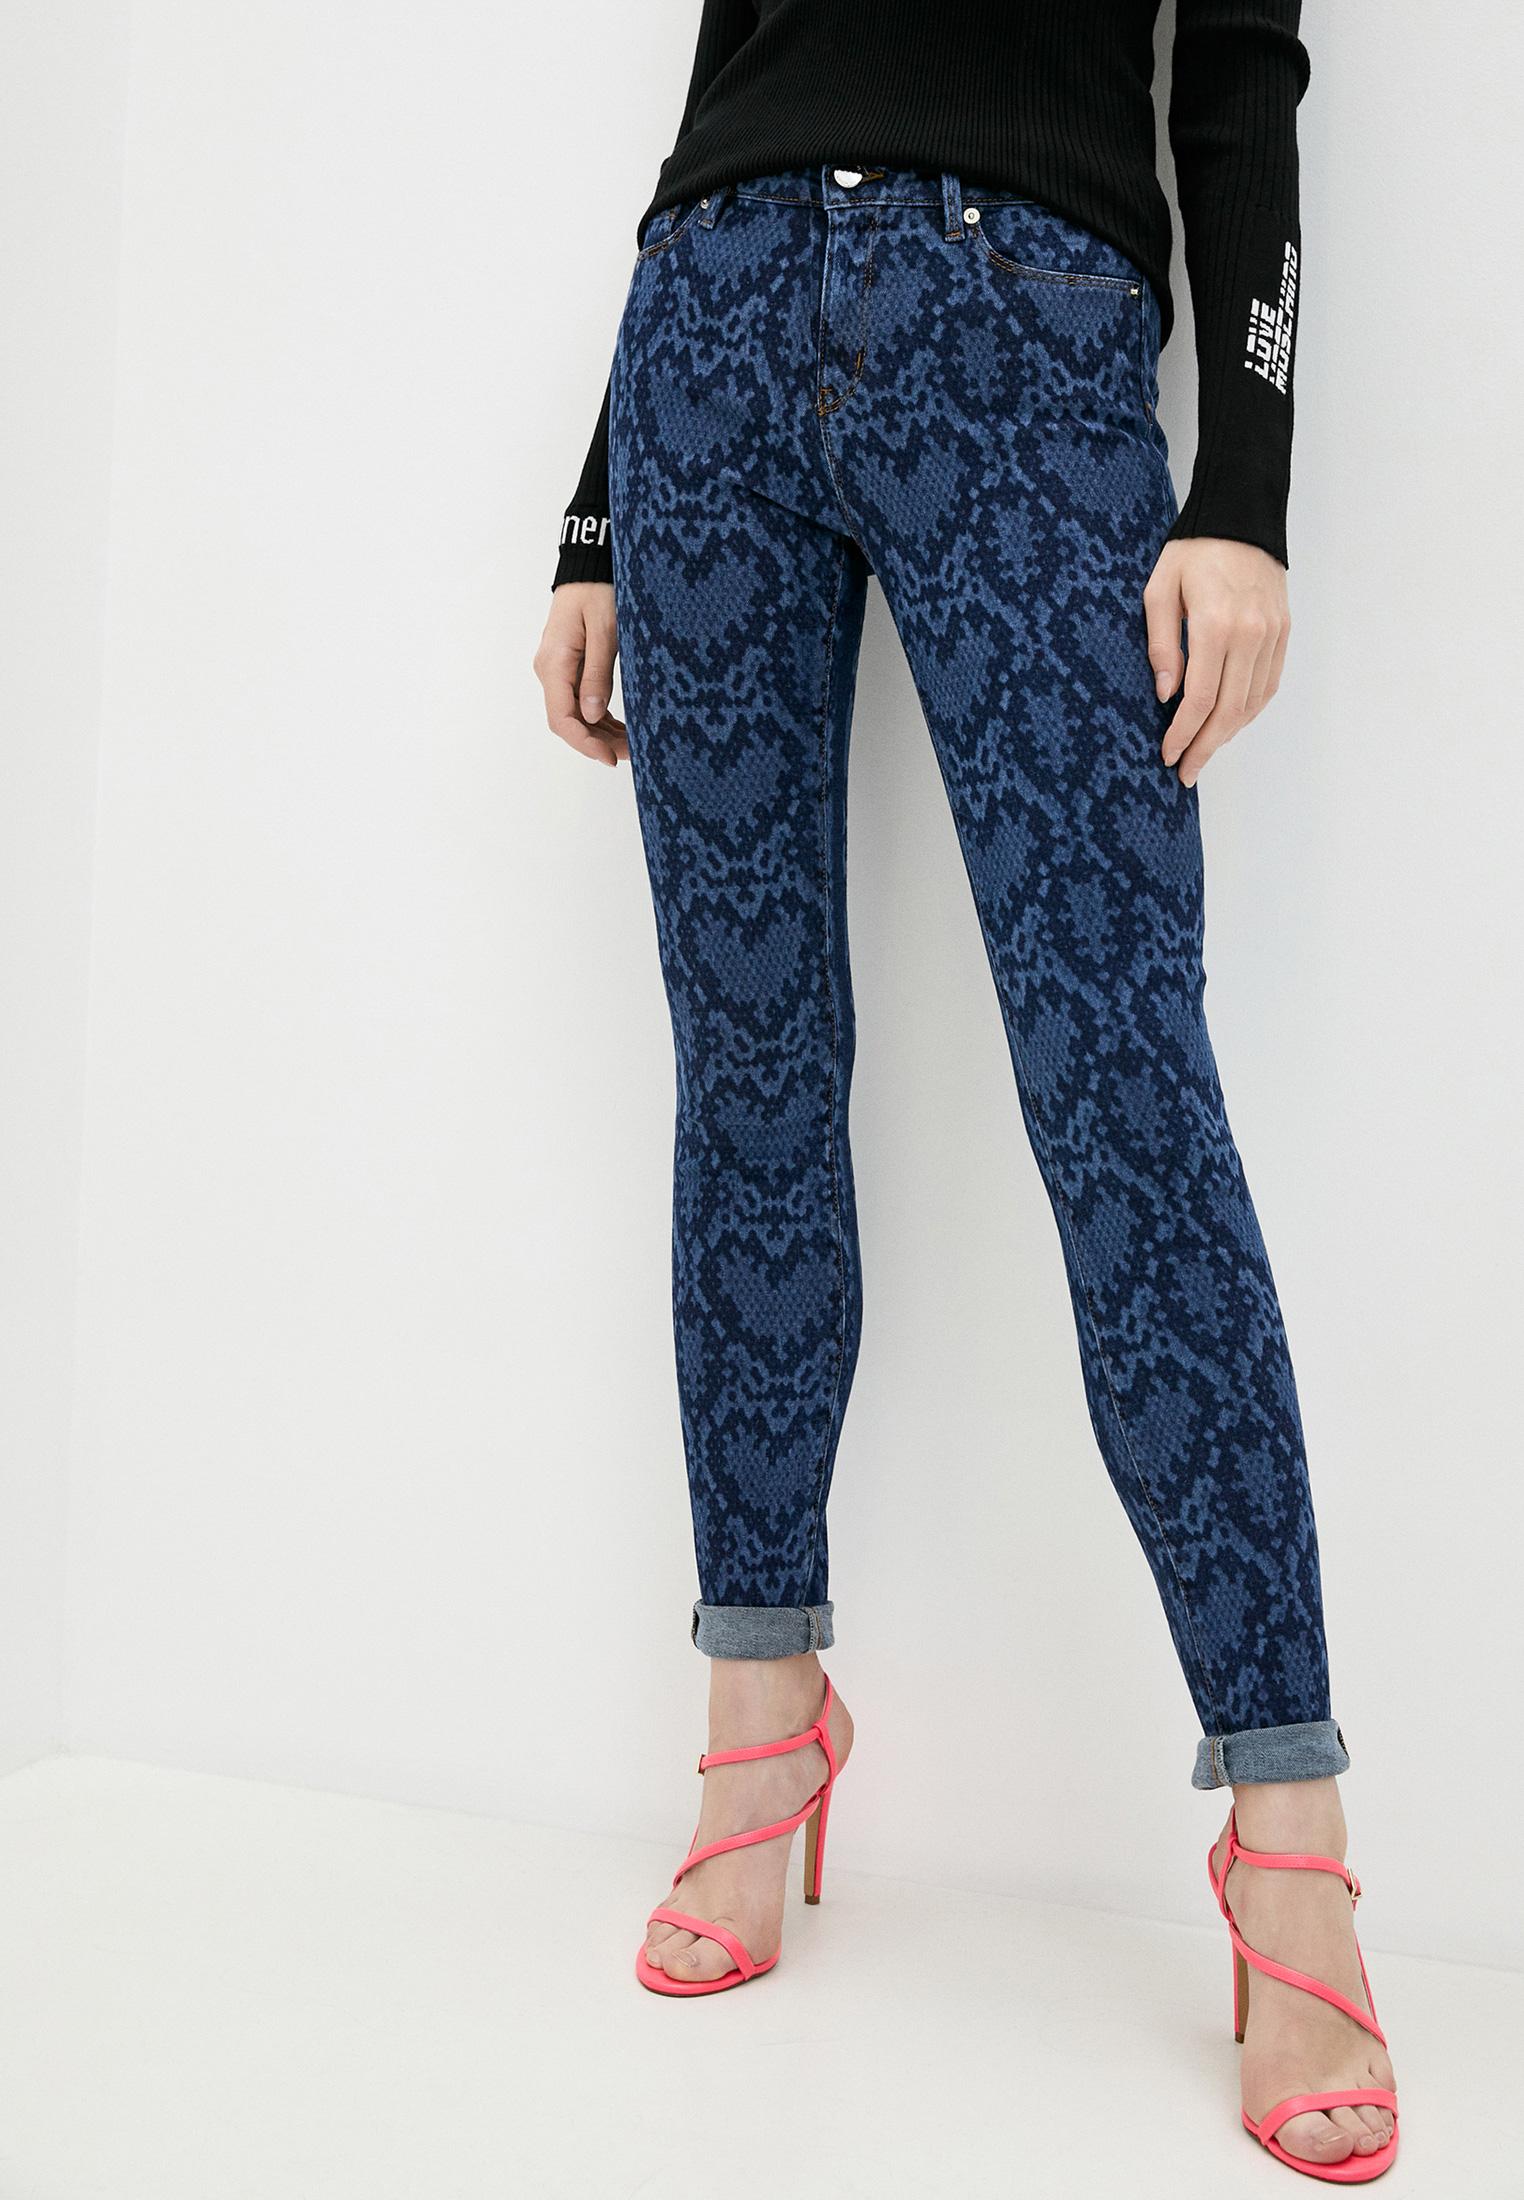 Зауженные джинсы Love Moschino W Q 387 7G S 3379